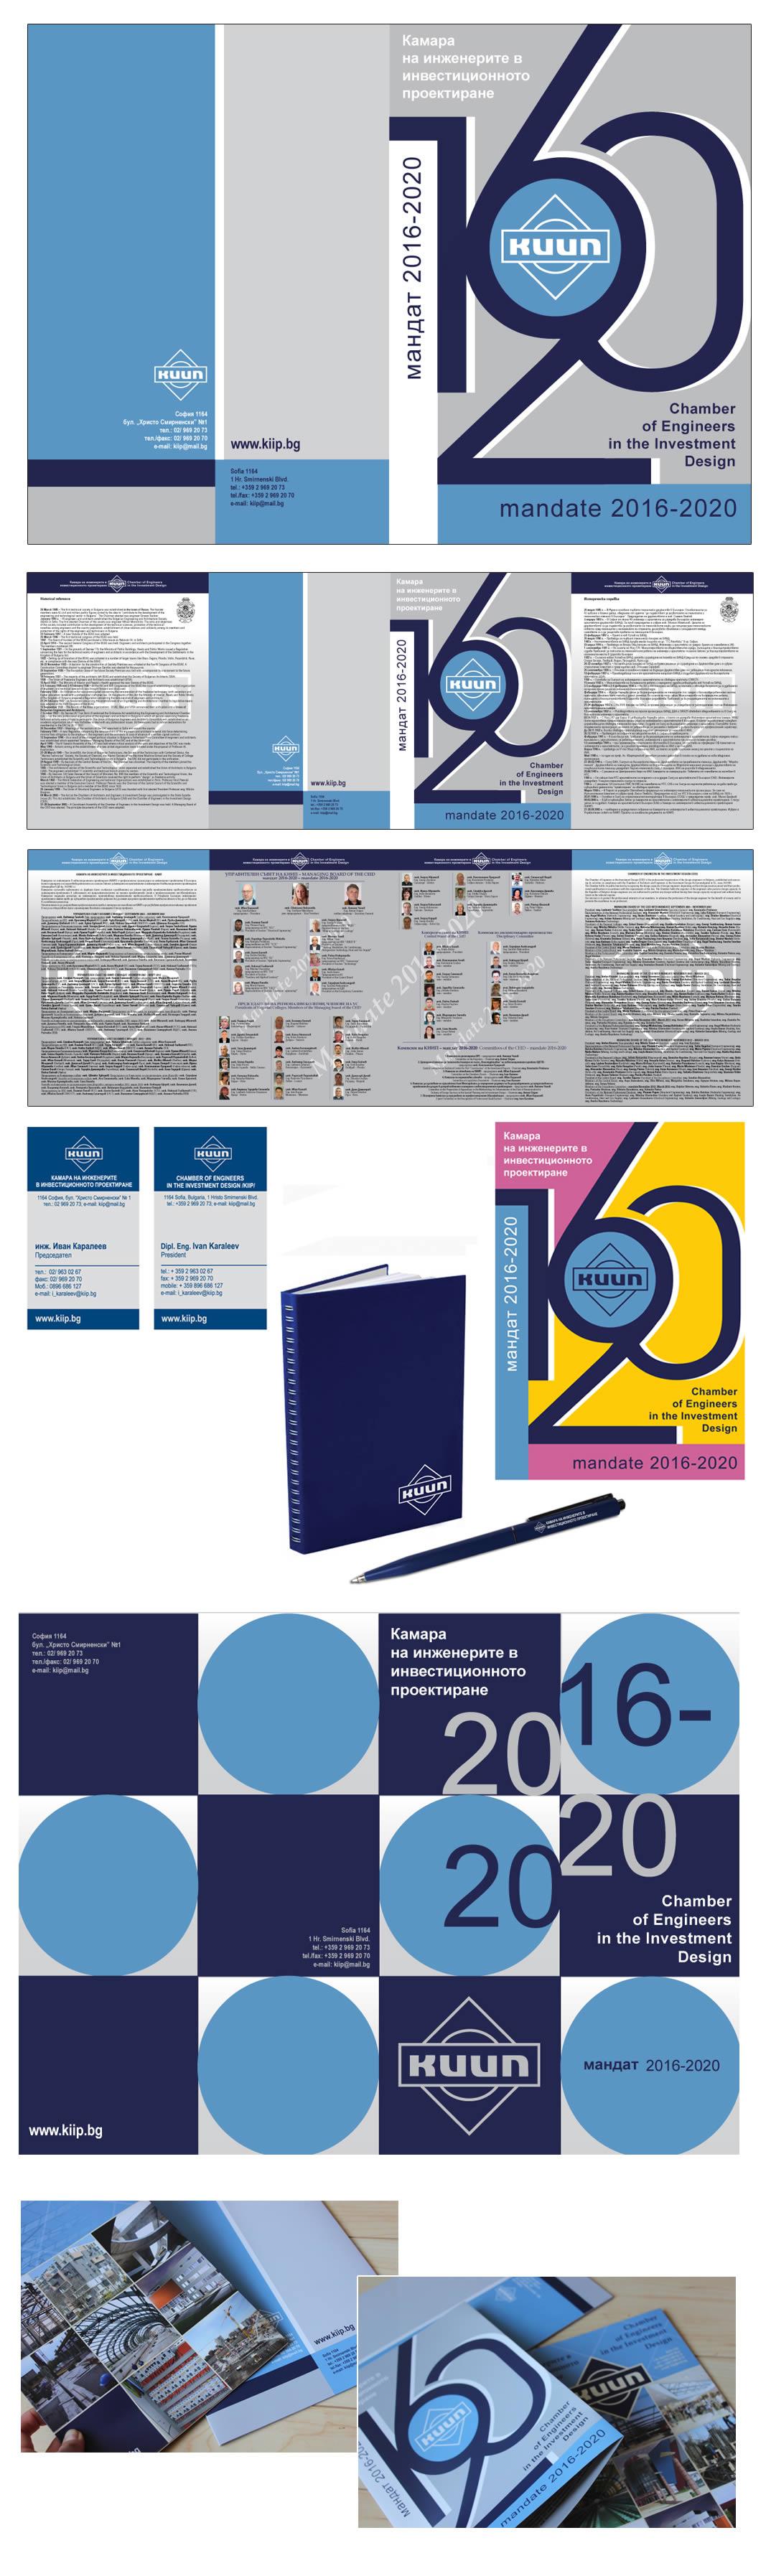 """Графичен дизайн и рекламни материали за ,,Камара на инженерите в инвестиционното проектиране"""""""